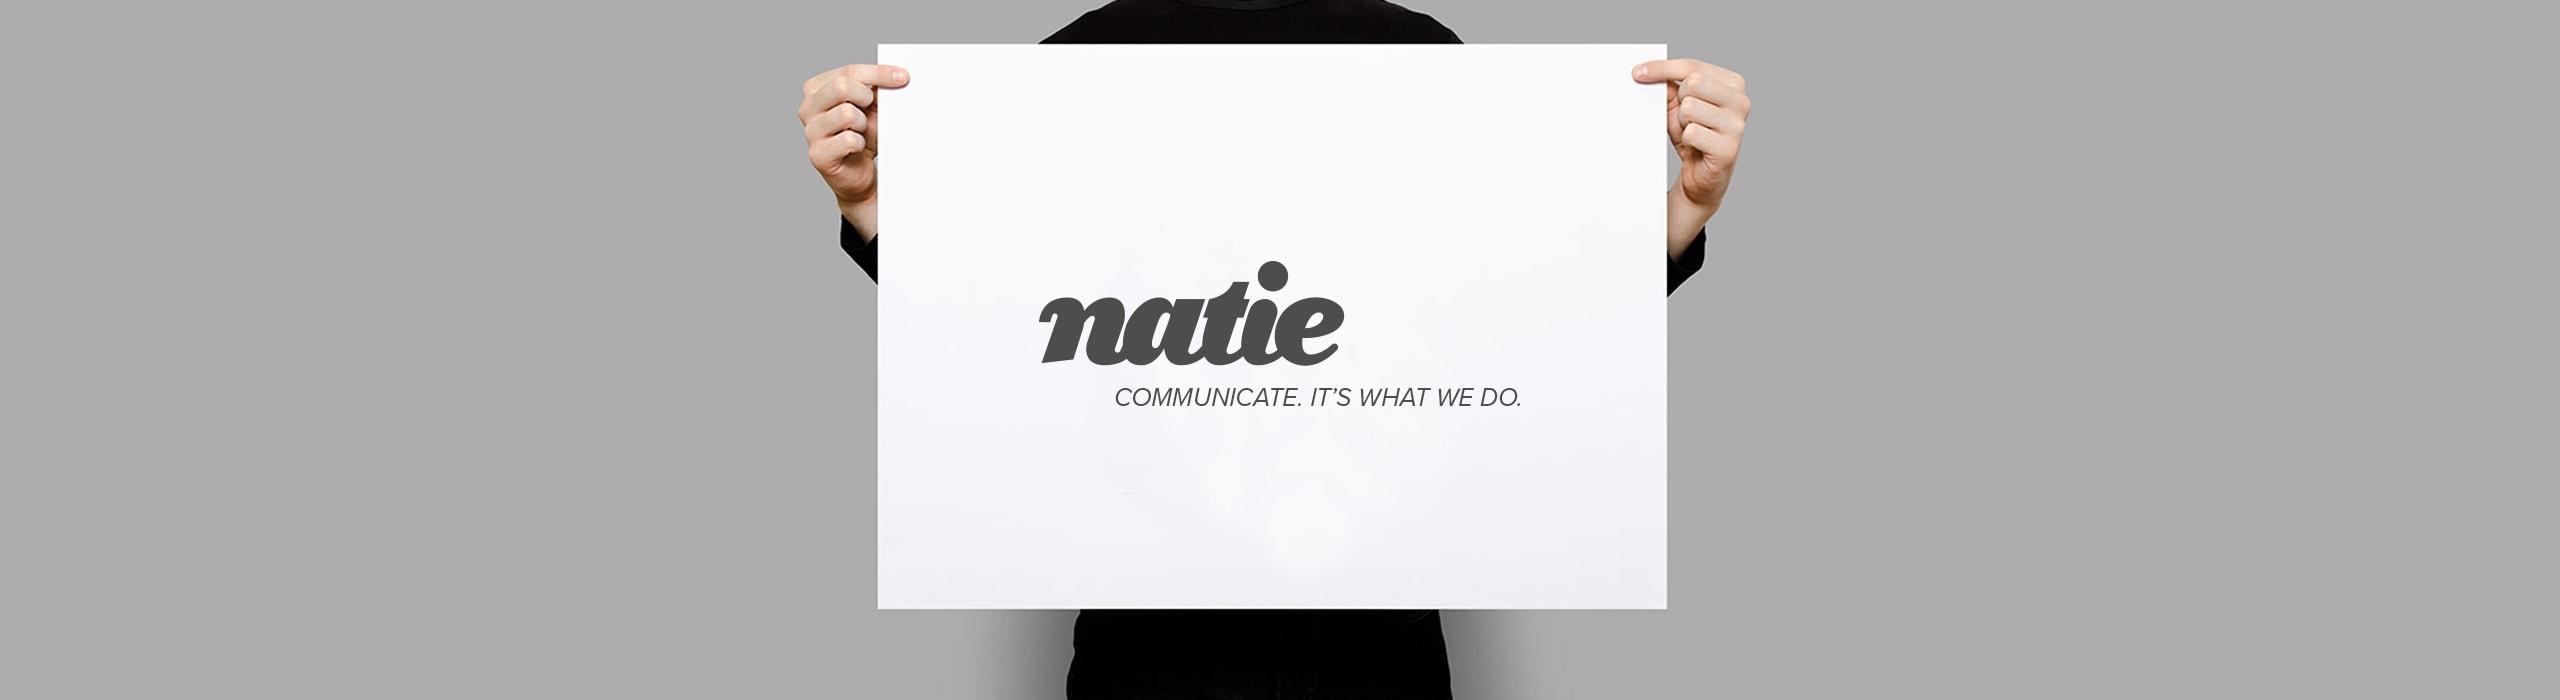 Natie - natie-rebrand-logo-design - Natie Branding Agency